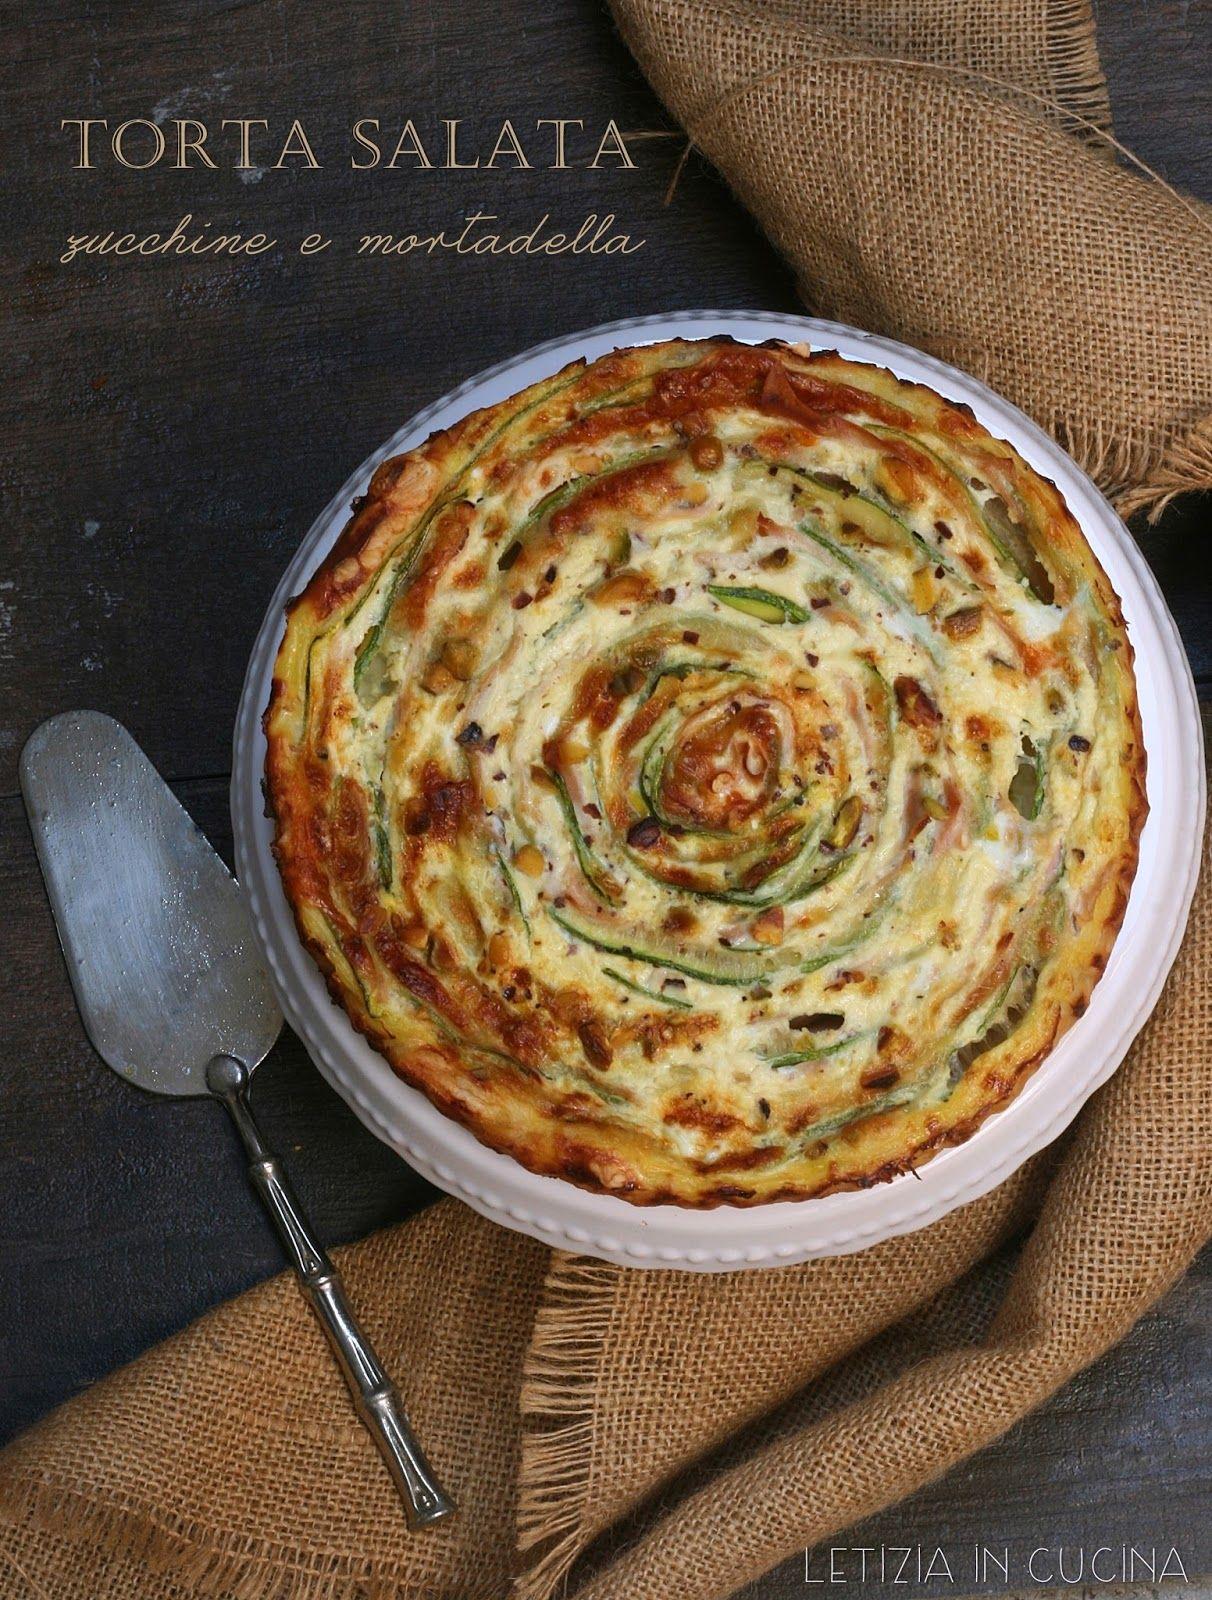 Letizia in Cucina: Torta salata con zucchine e mortadella | pizza ...